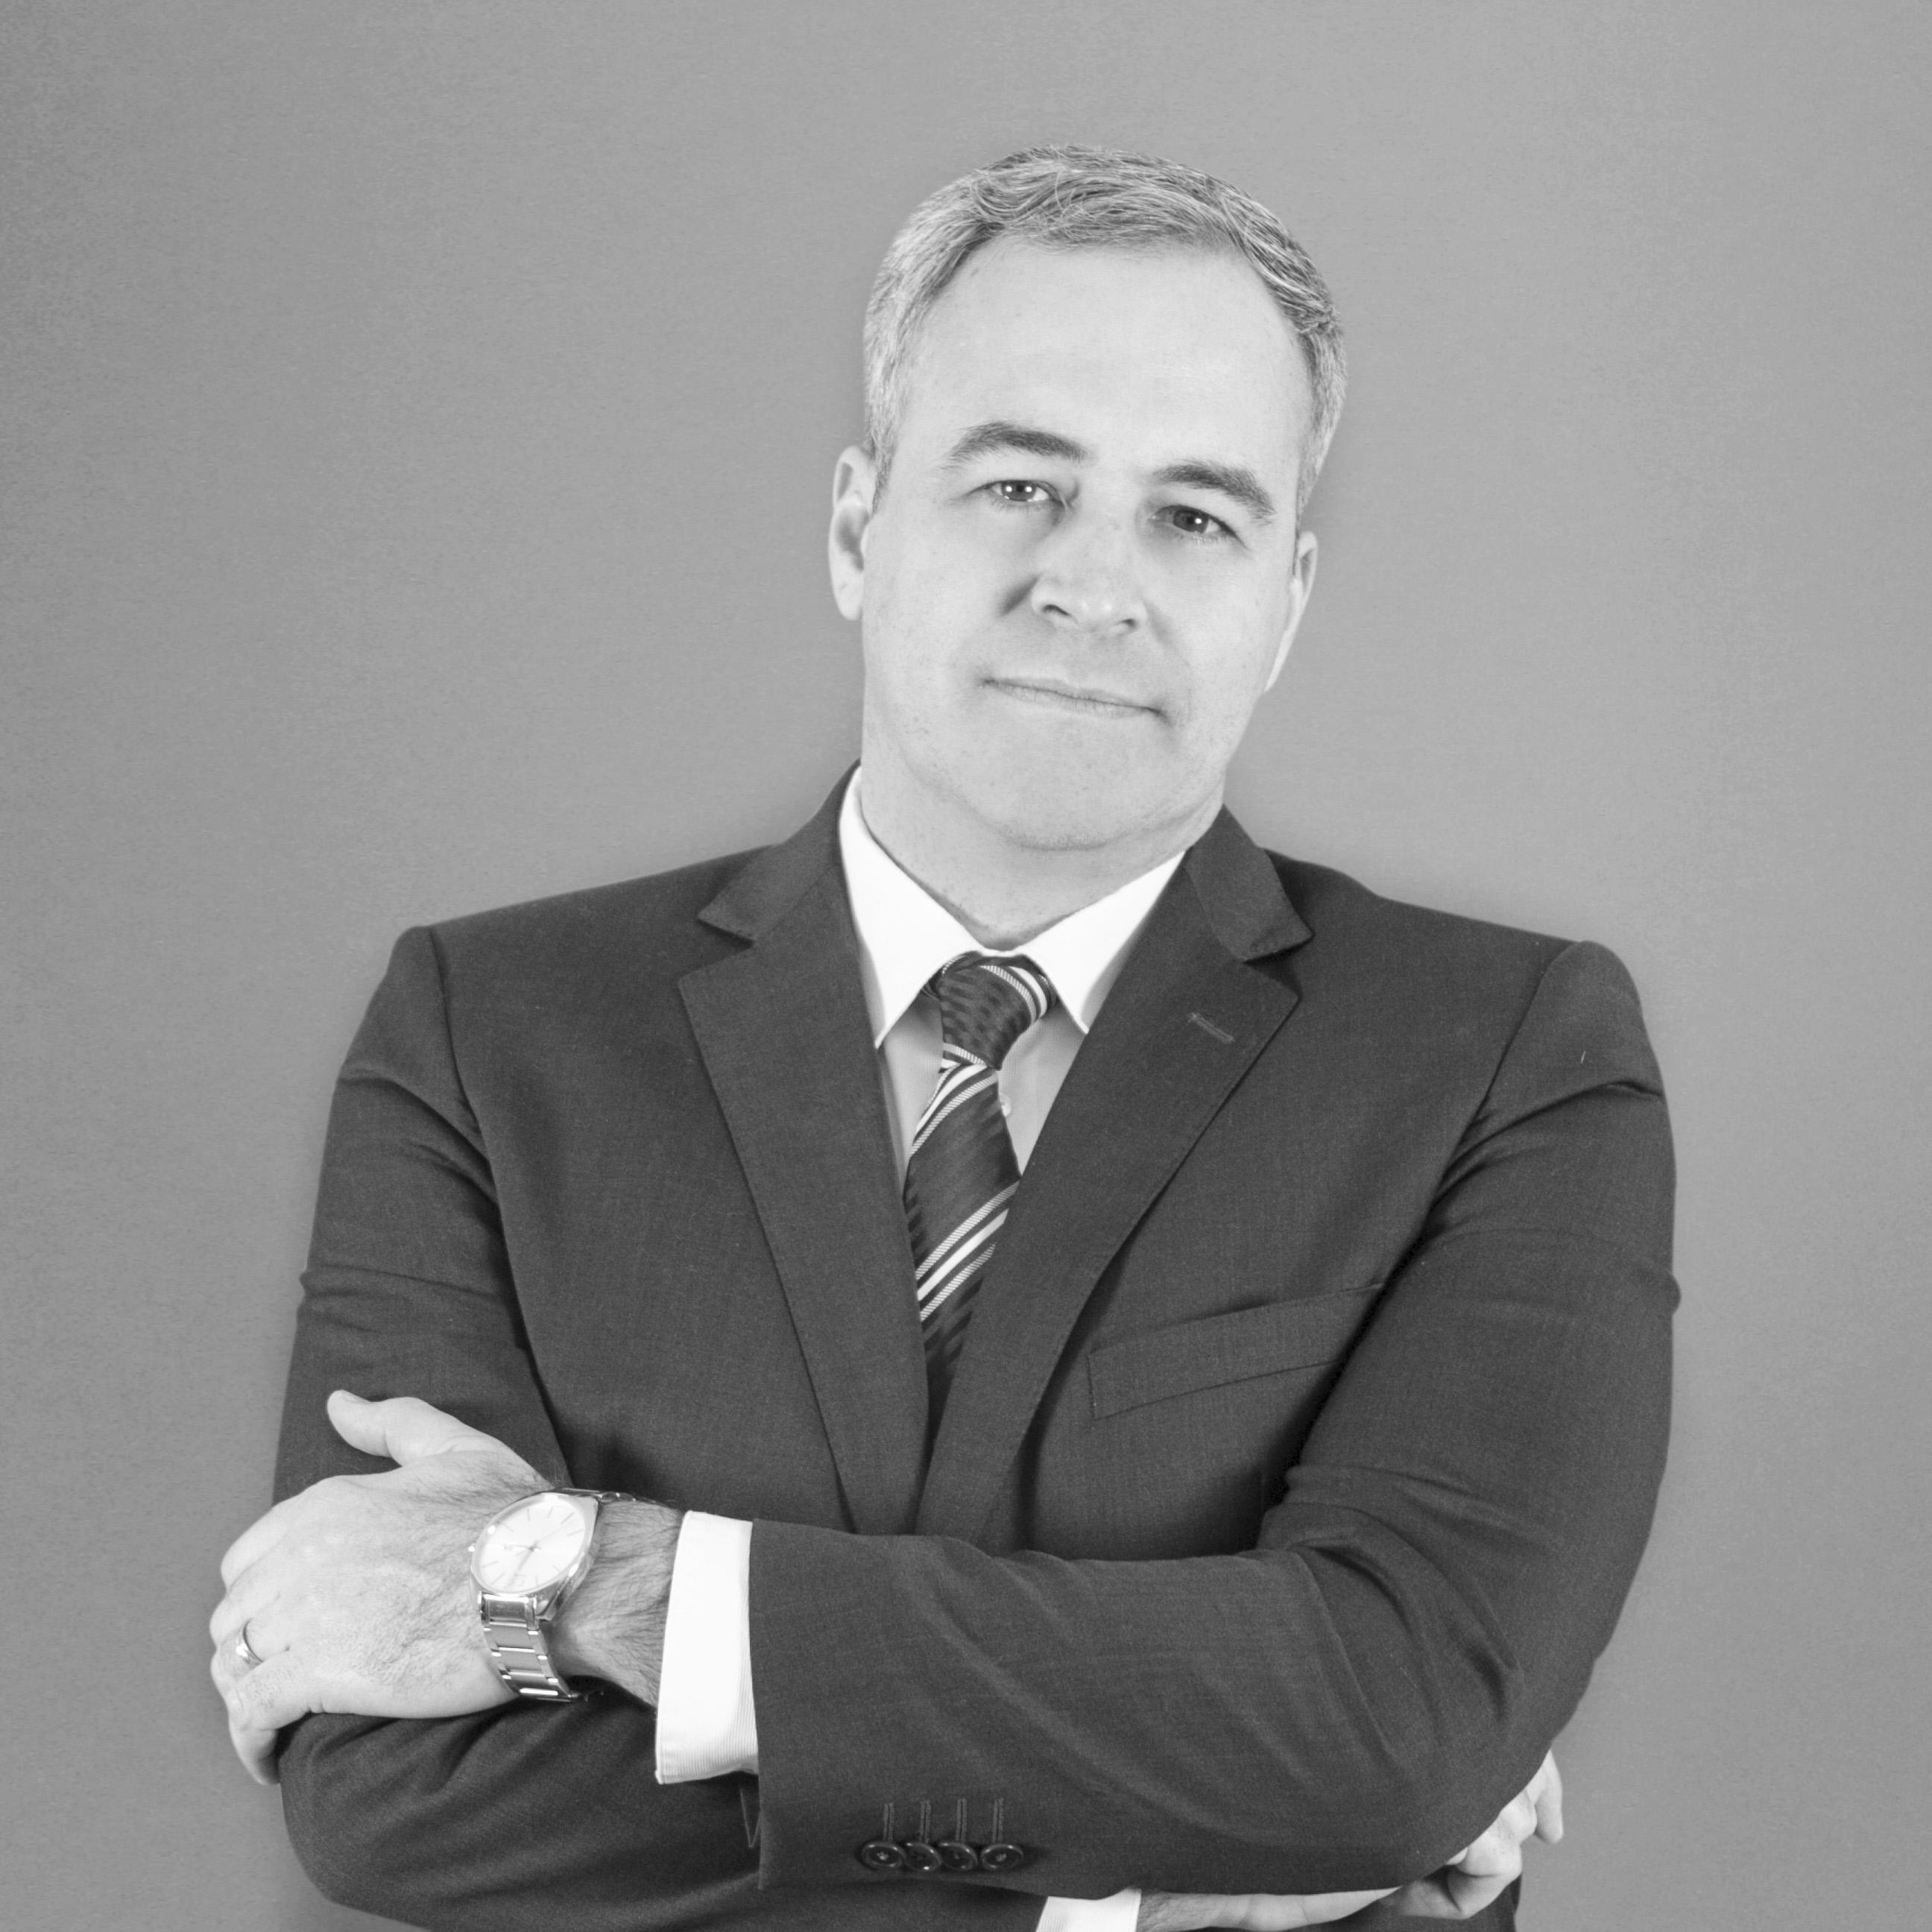 Ricardo Munaski Jobim